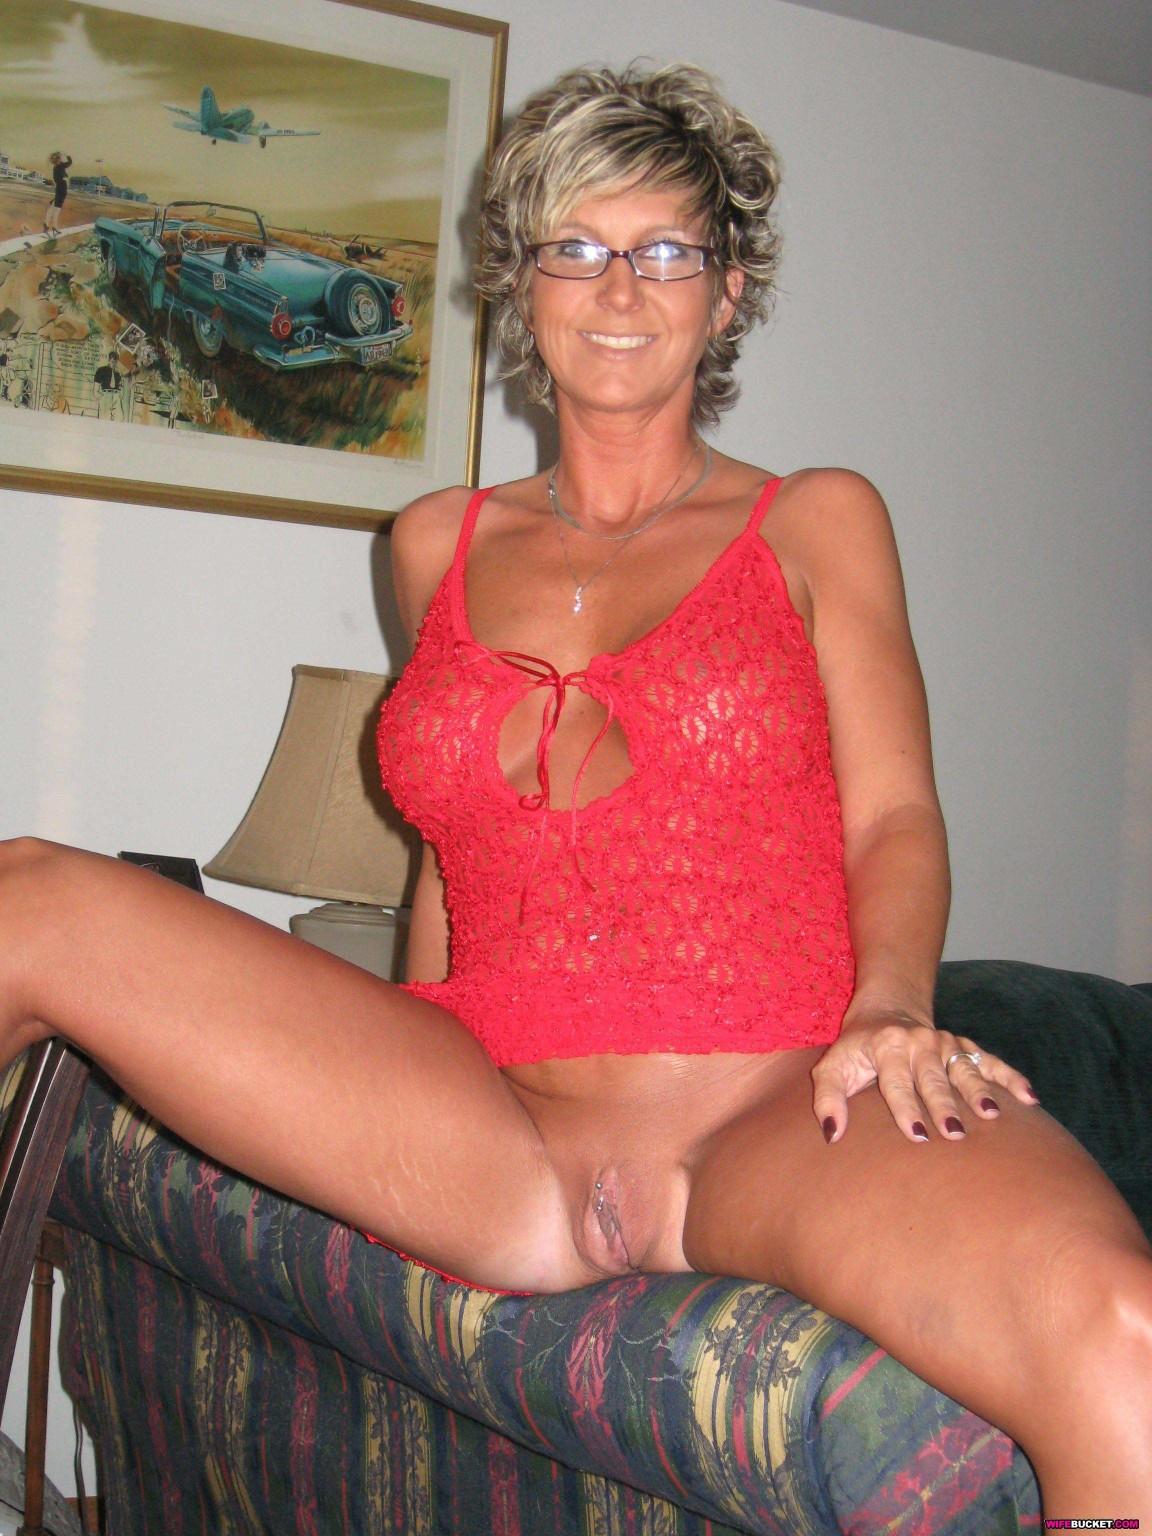 Milf amateur mature wife nude